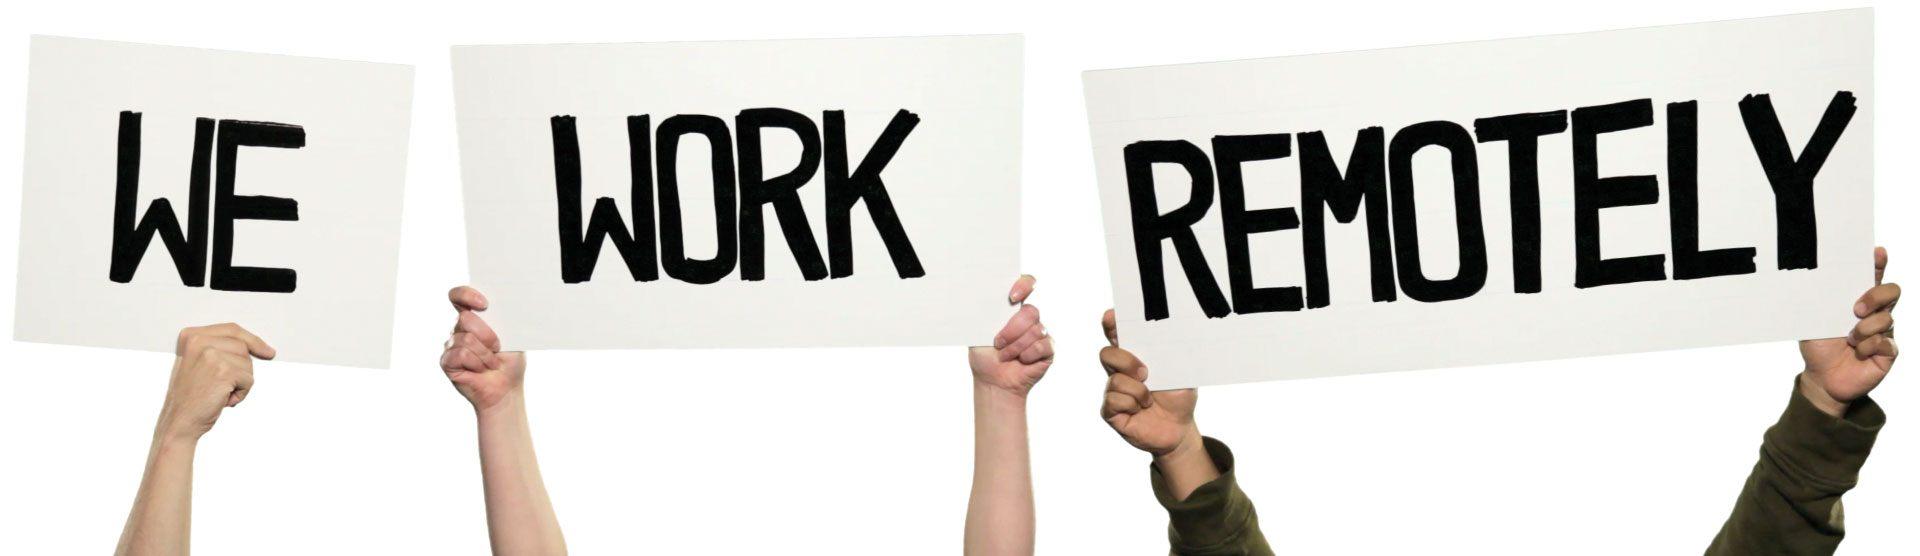 Работа из дома — один из главных бонусов, который требуют программисты - 1